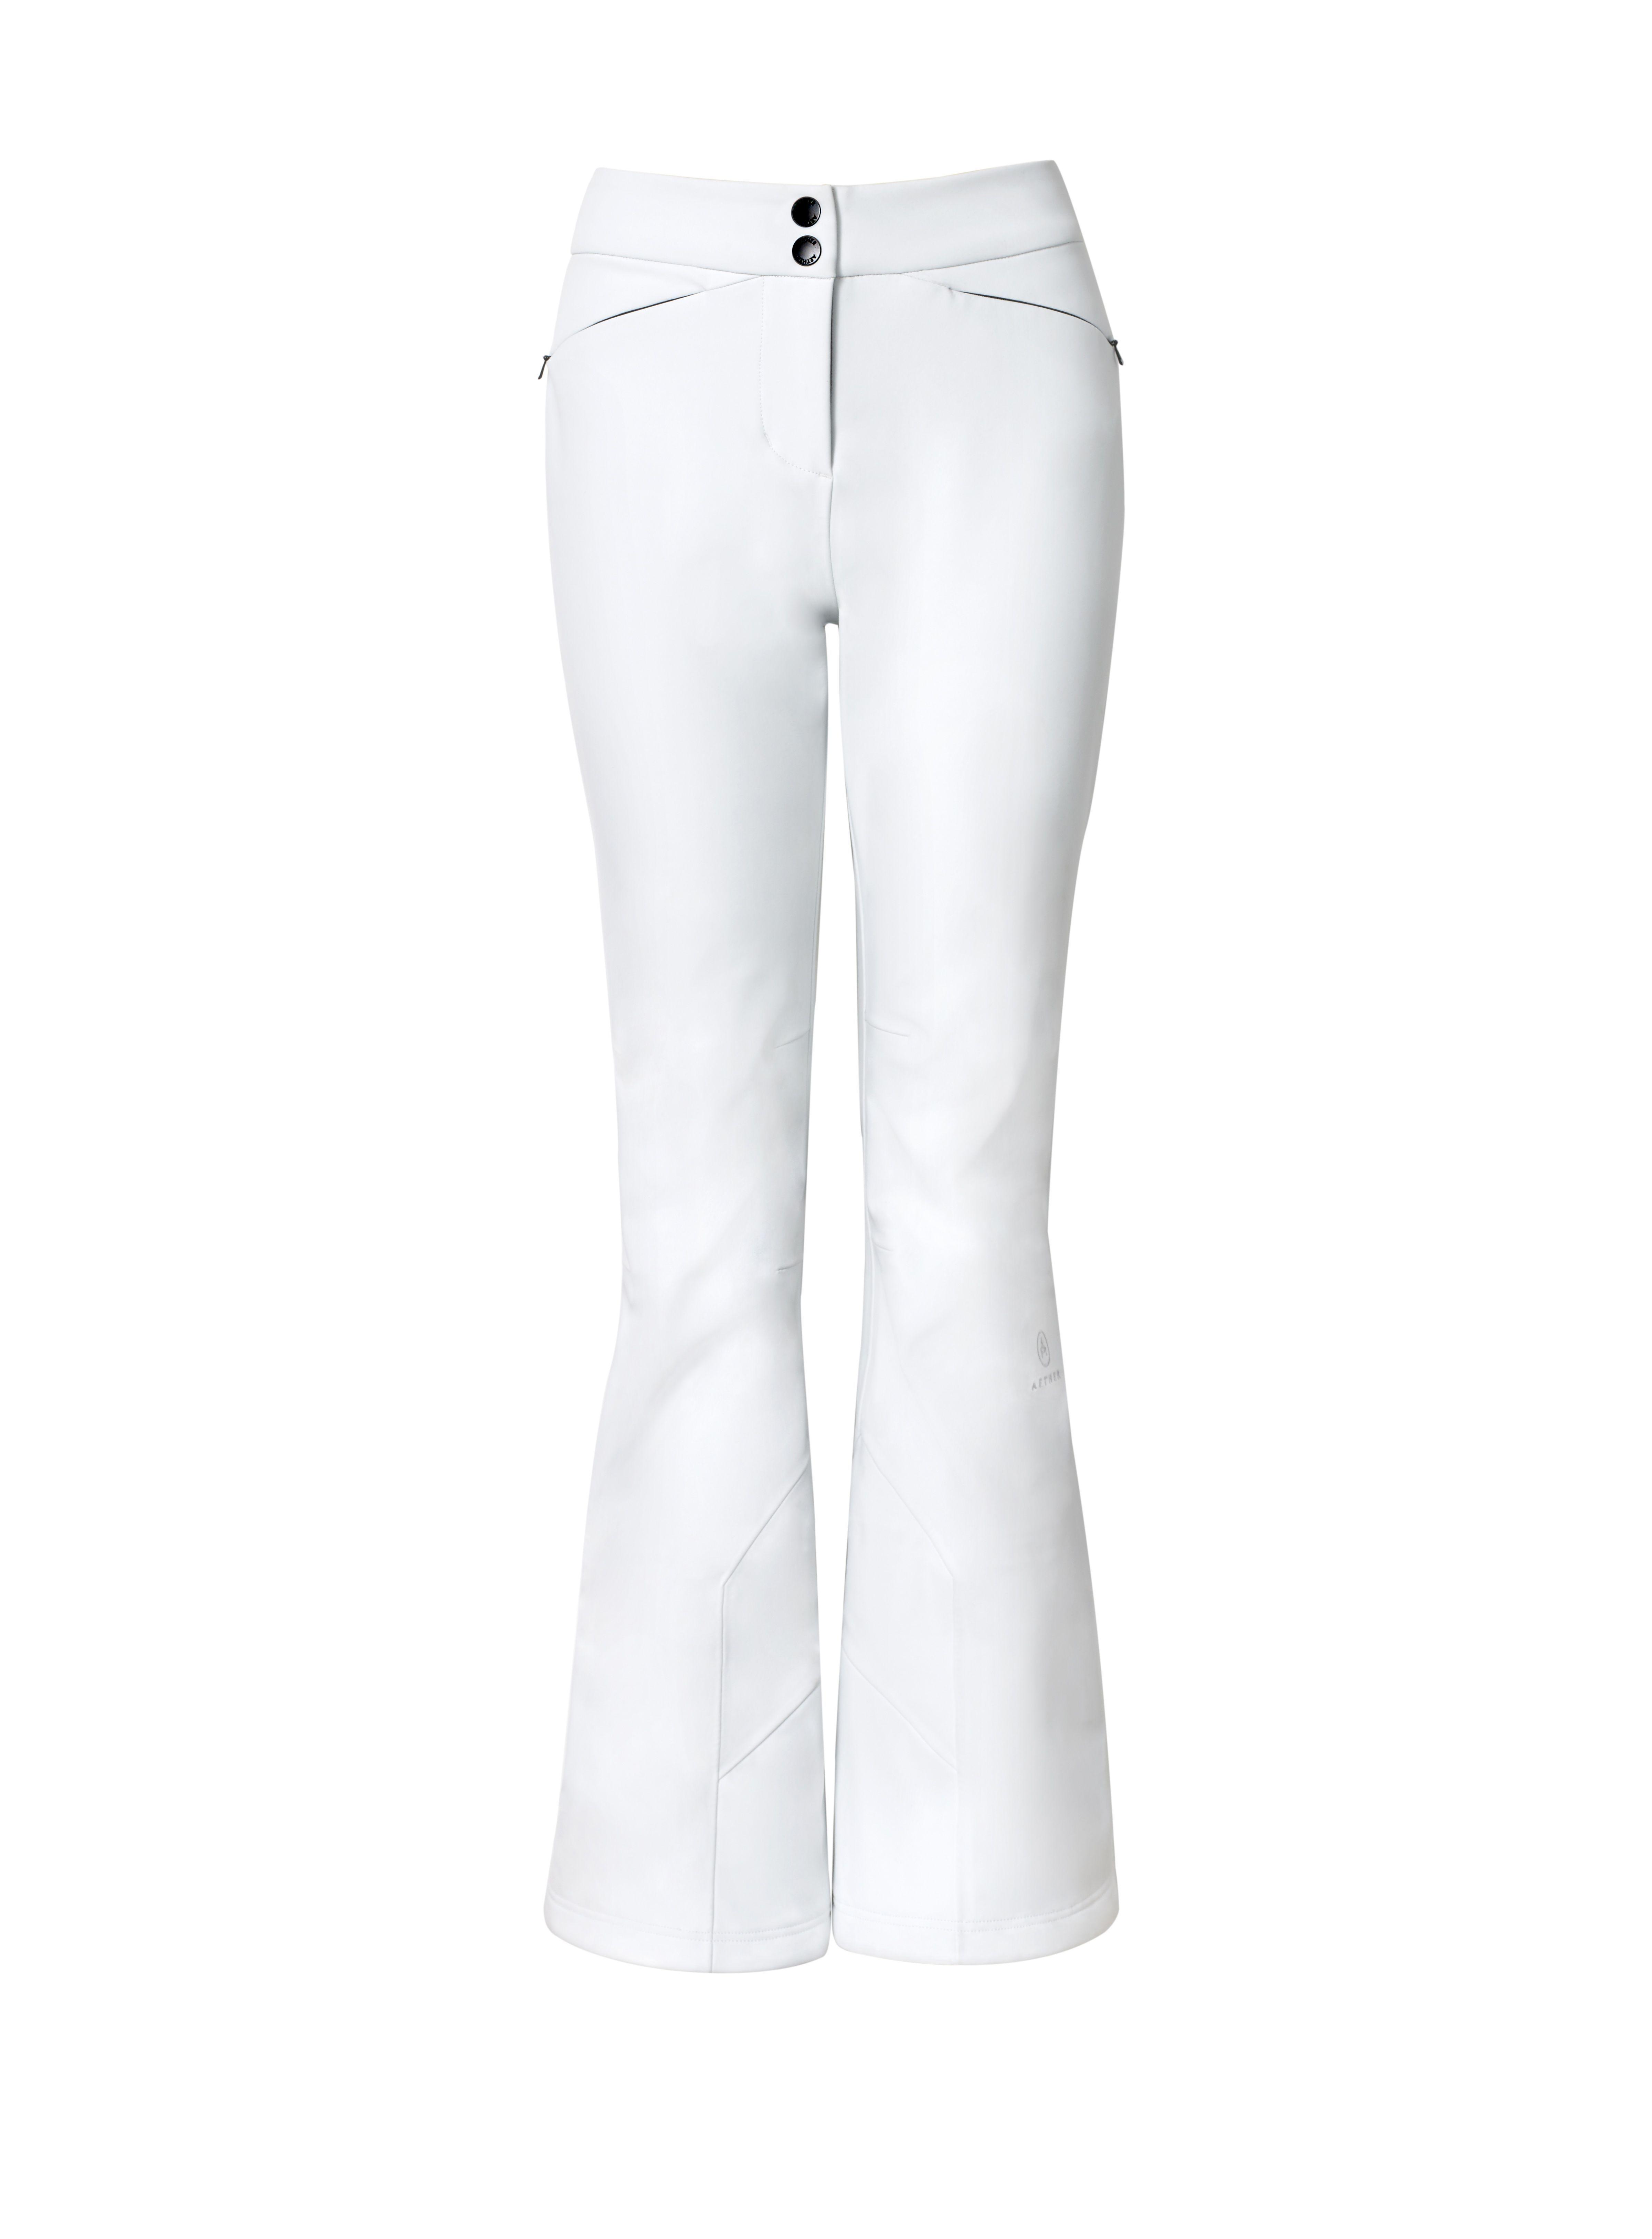 Mens Premium Ski Snowboard Wear Board Suit Waterproof Pants Solid Black